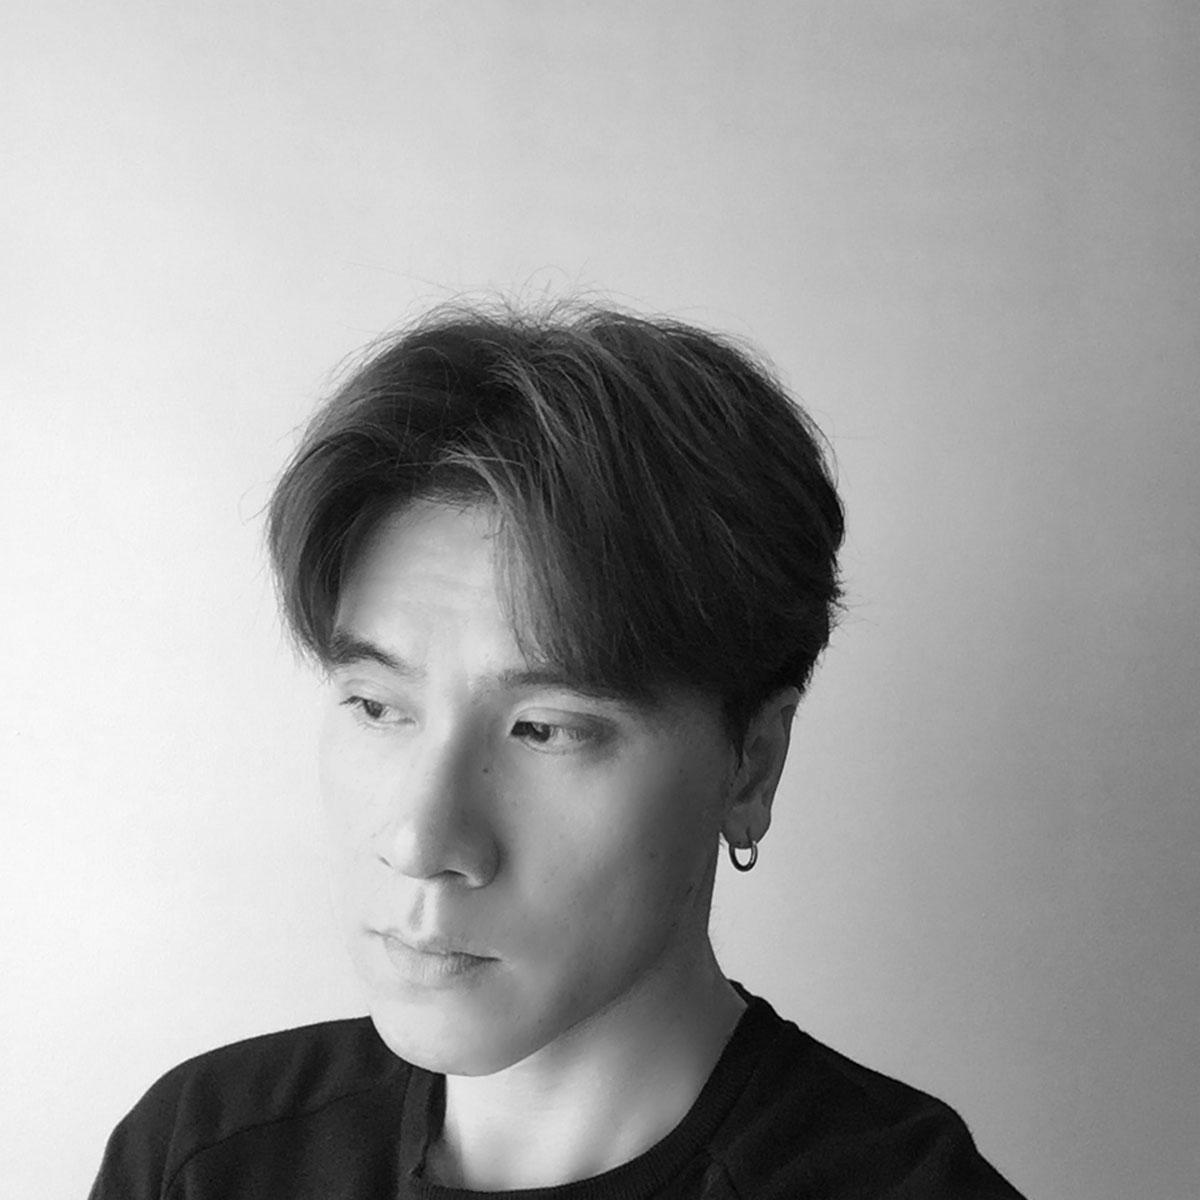 Stanley Yeo - A Singapore-based freelance web designer.